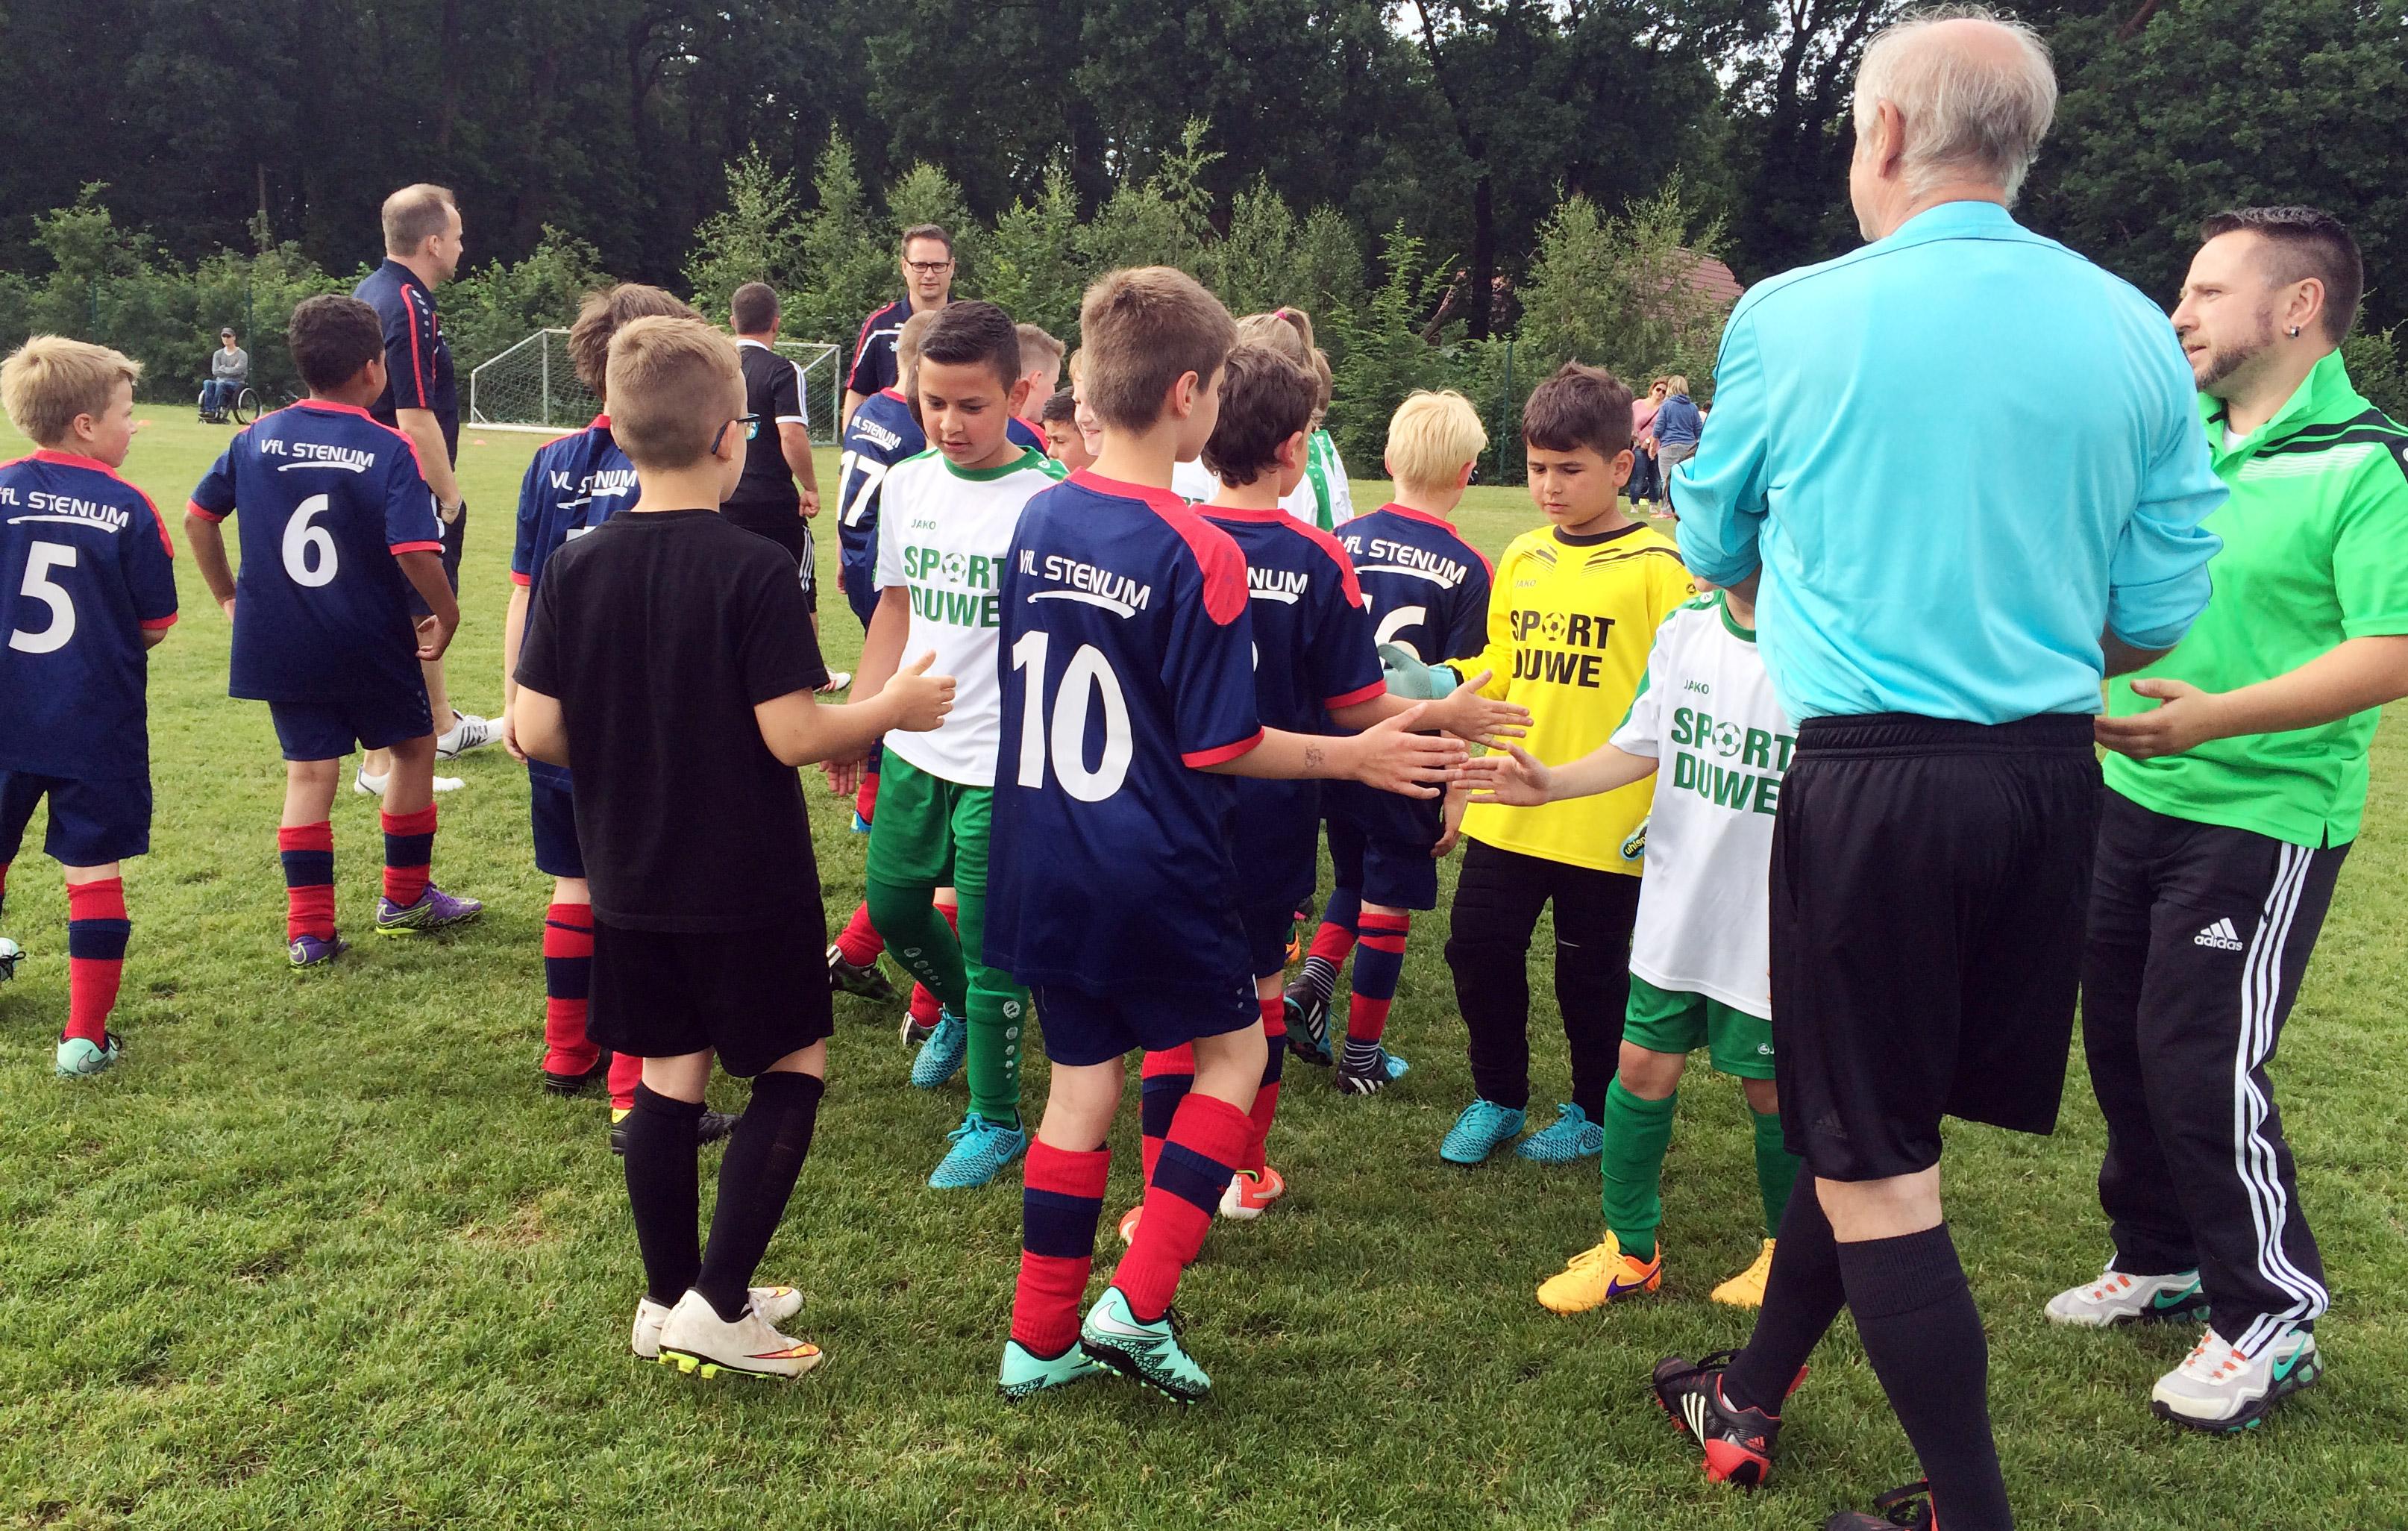 Wie es sich gehört ein fairer Handschlag und Glückwunsch an die Delmenhorster Jungs zum ersten Platz.